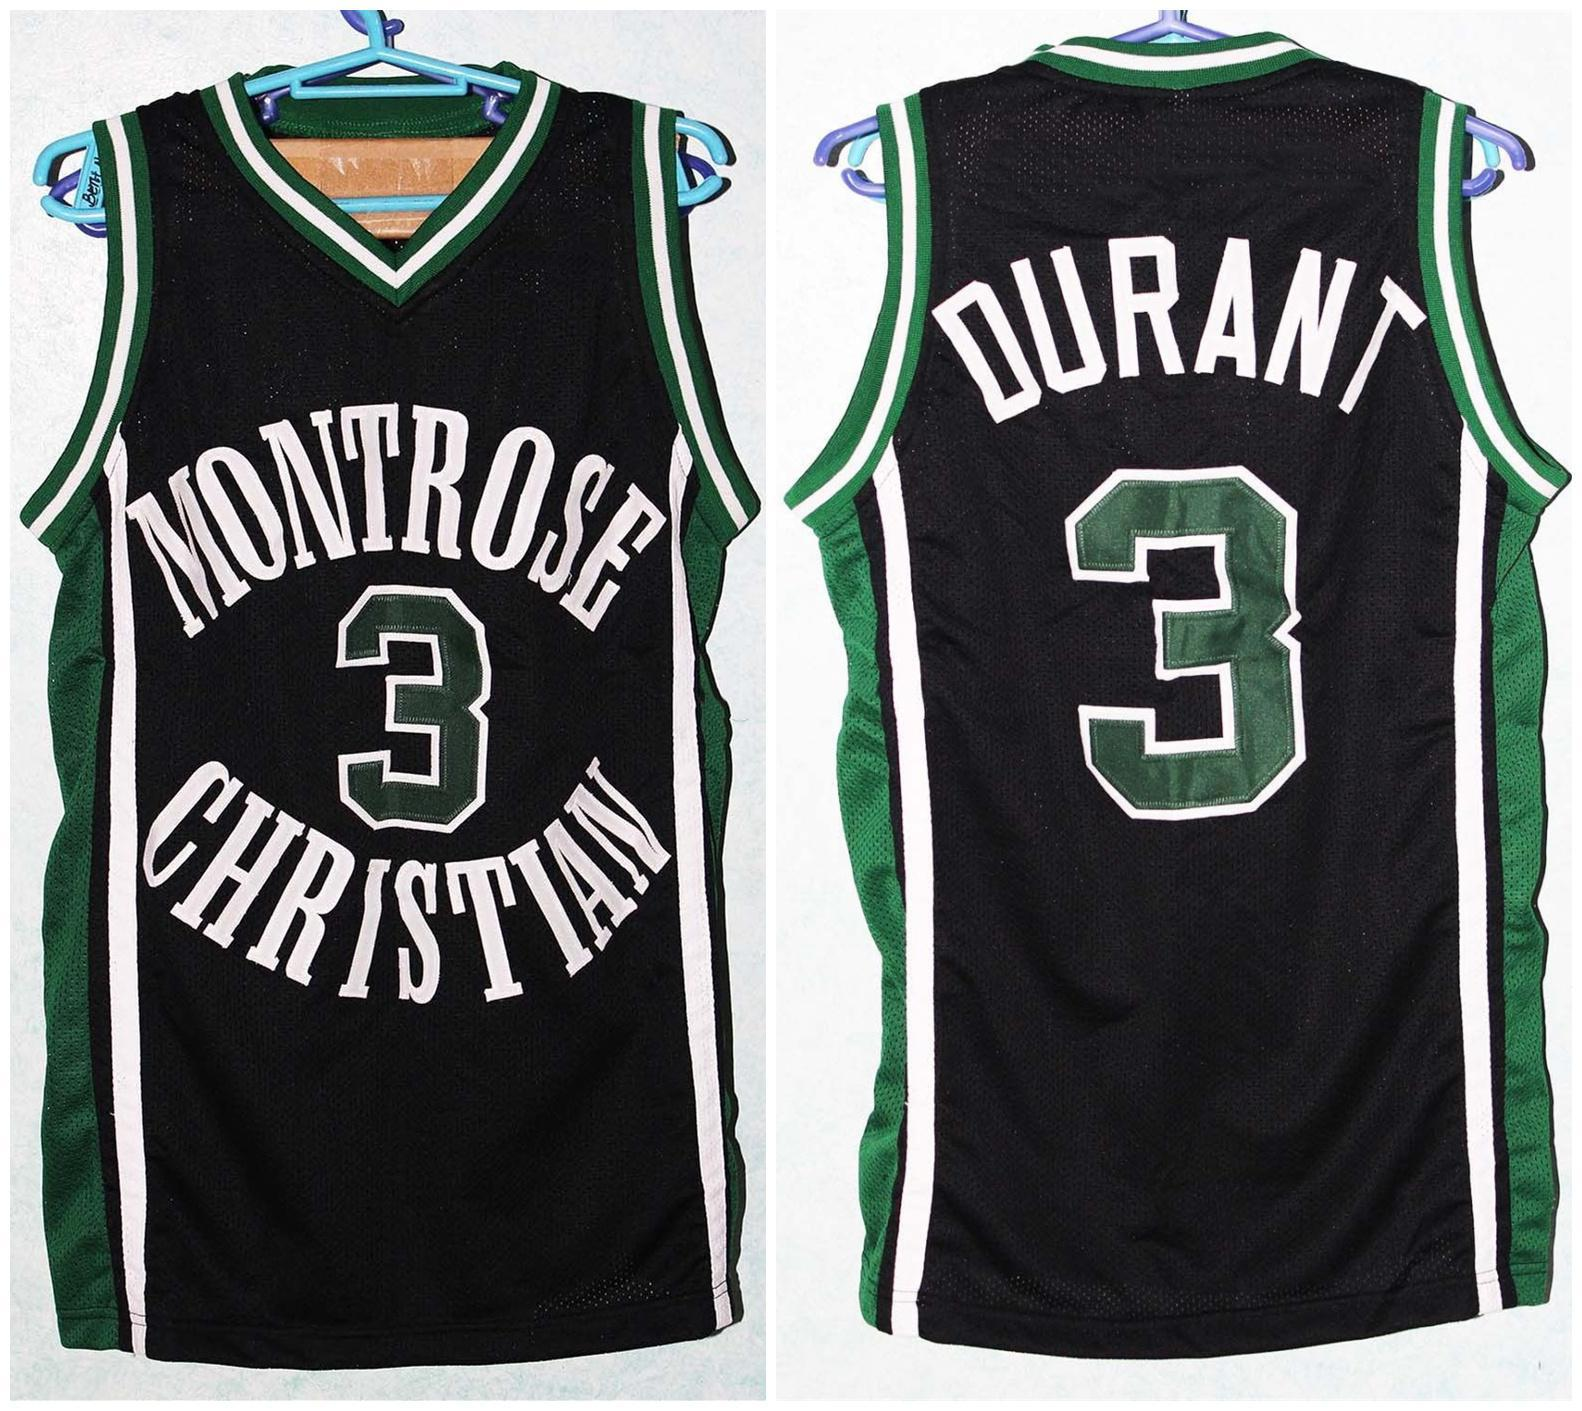 # 3 kevin durant montrose christian high school retro klassische basketball jersey mens genäht benutzerdefinierte nummer und name trikots